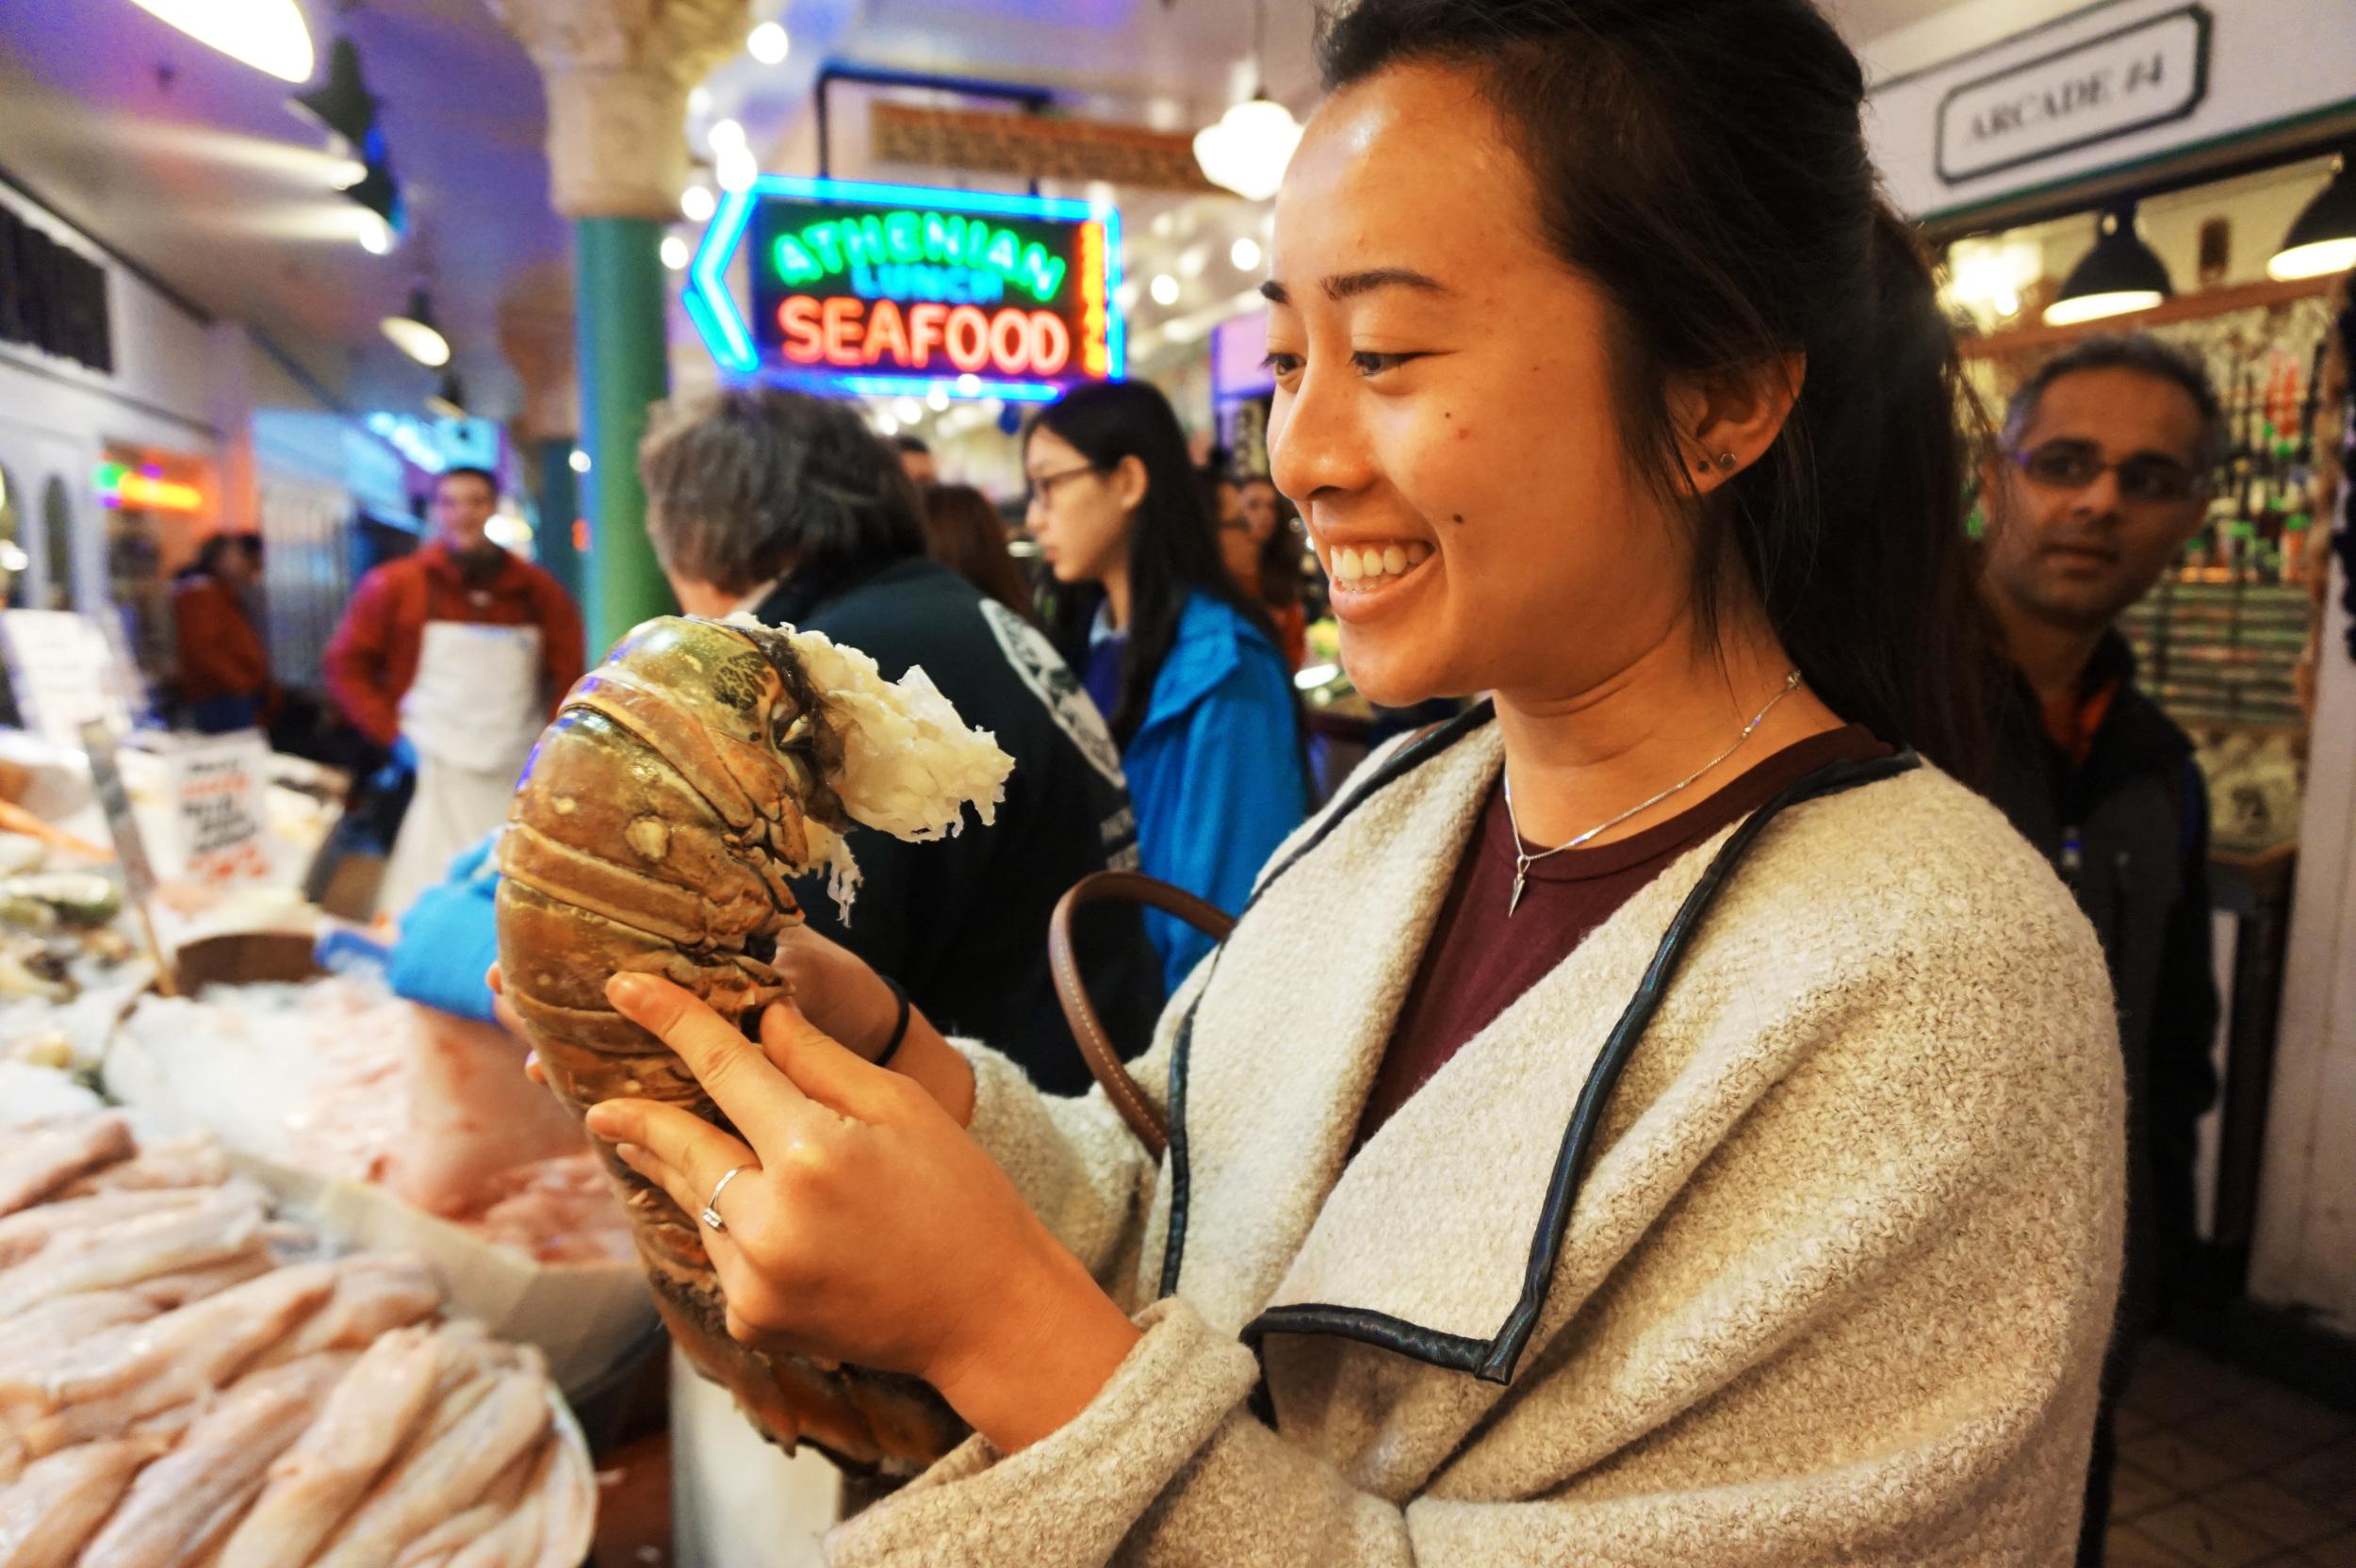 Jumbo lobster, indeed